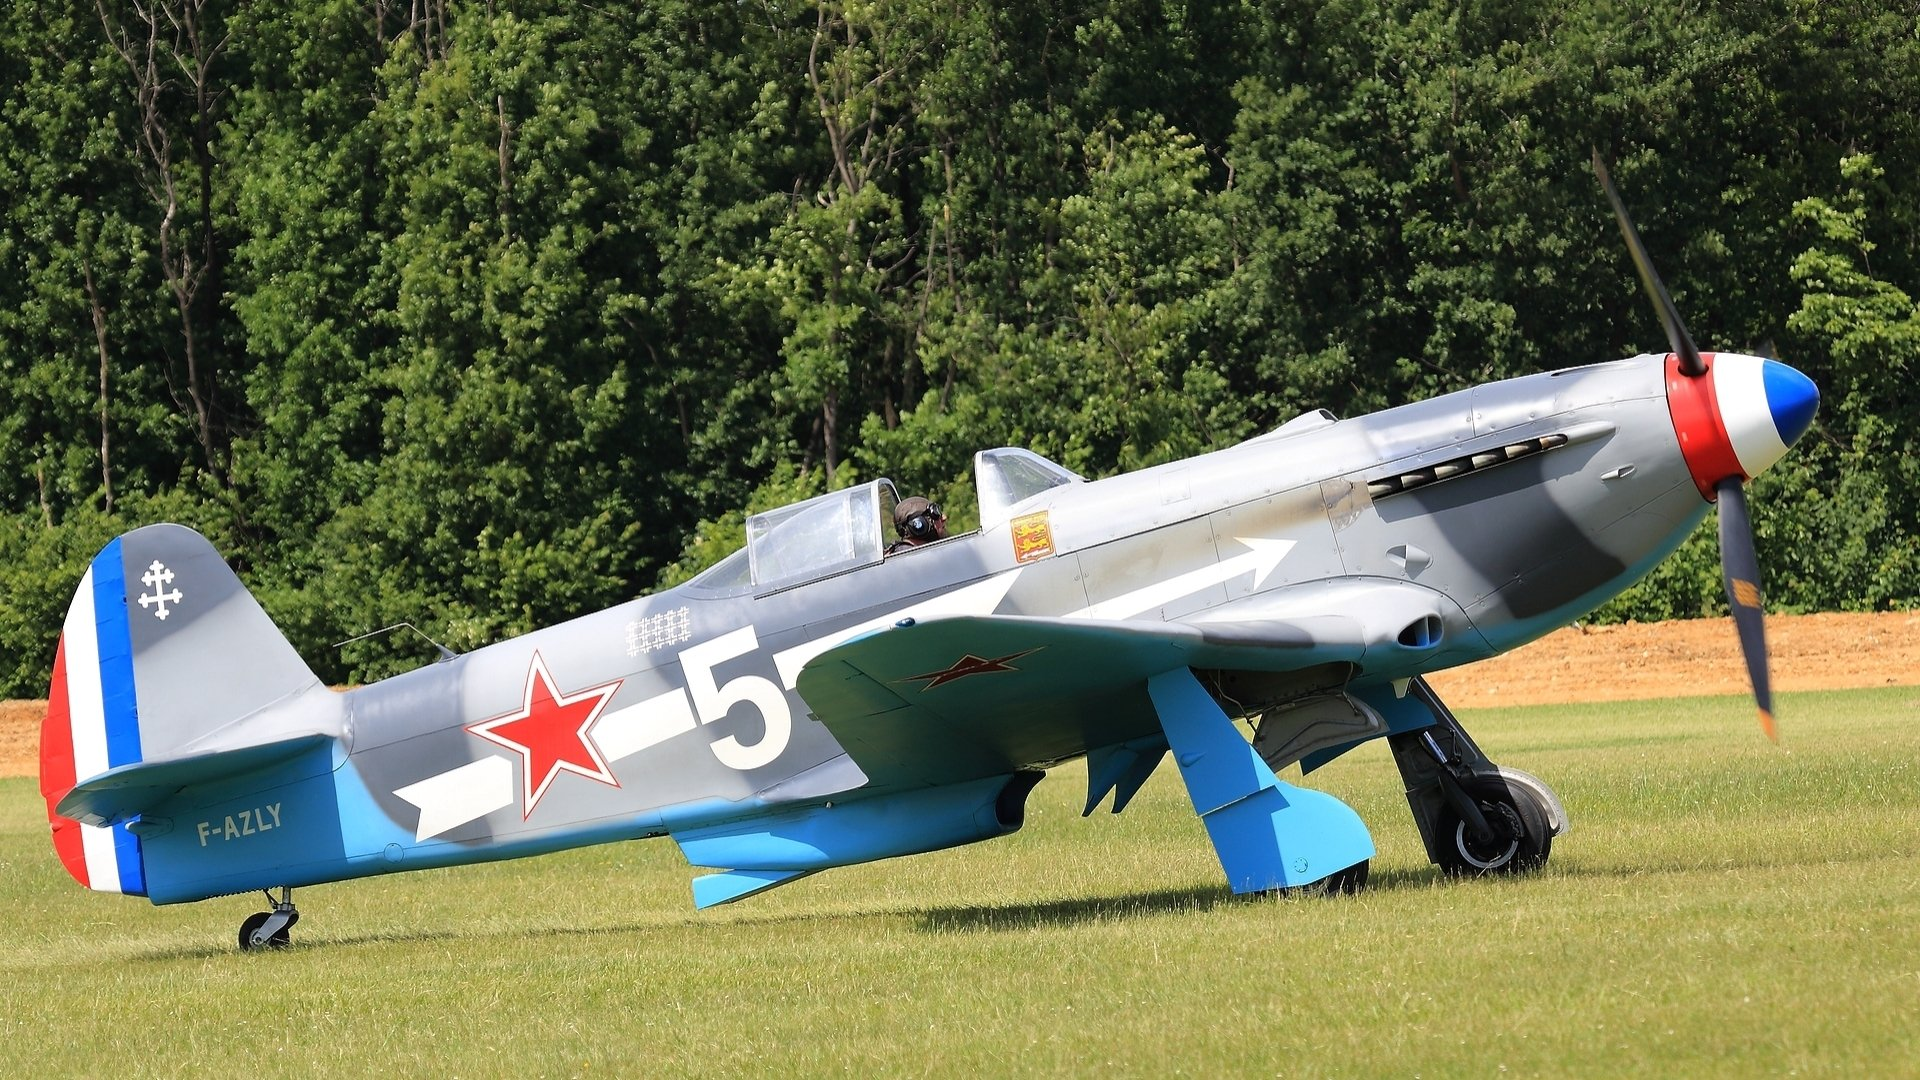 Yakovlev Yak-3 HD Wallpaper | Background Image | 1920x1080 ...